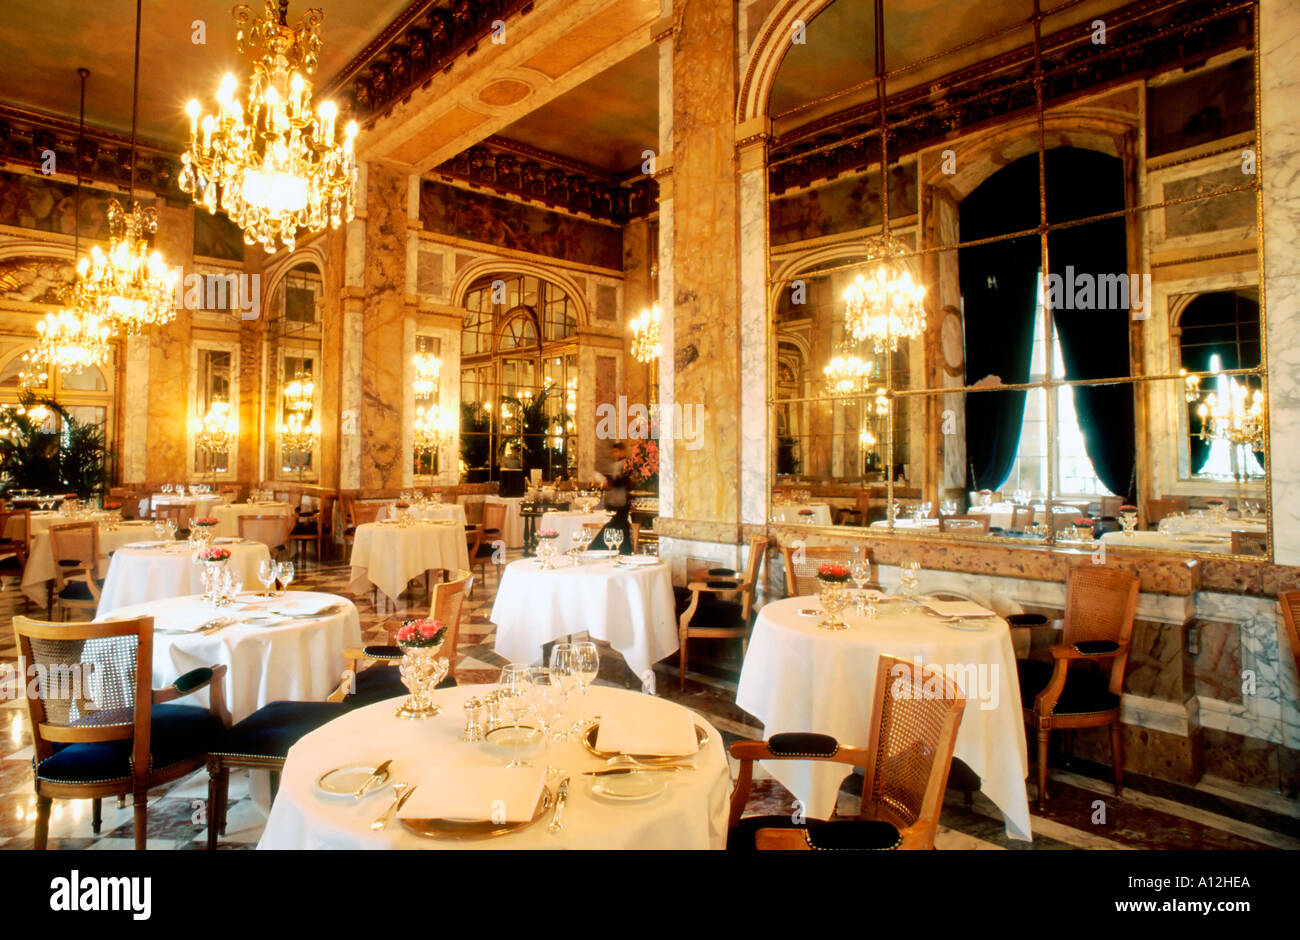 Paris france french haute cuisine restaurant dining room for Restaurant cuisine francaise